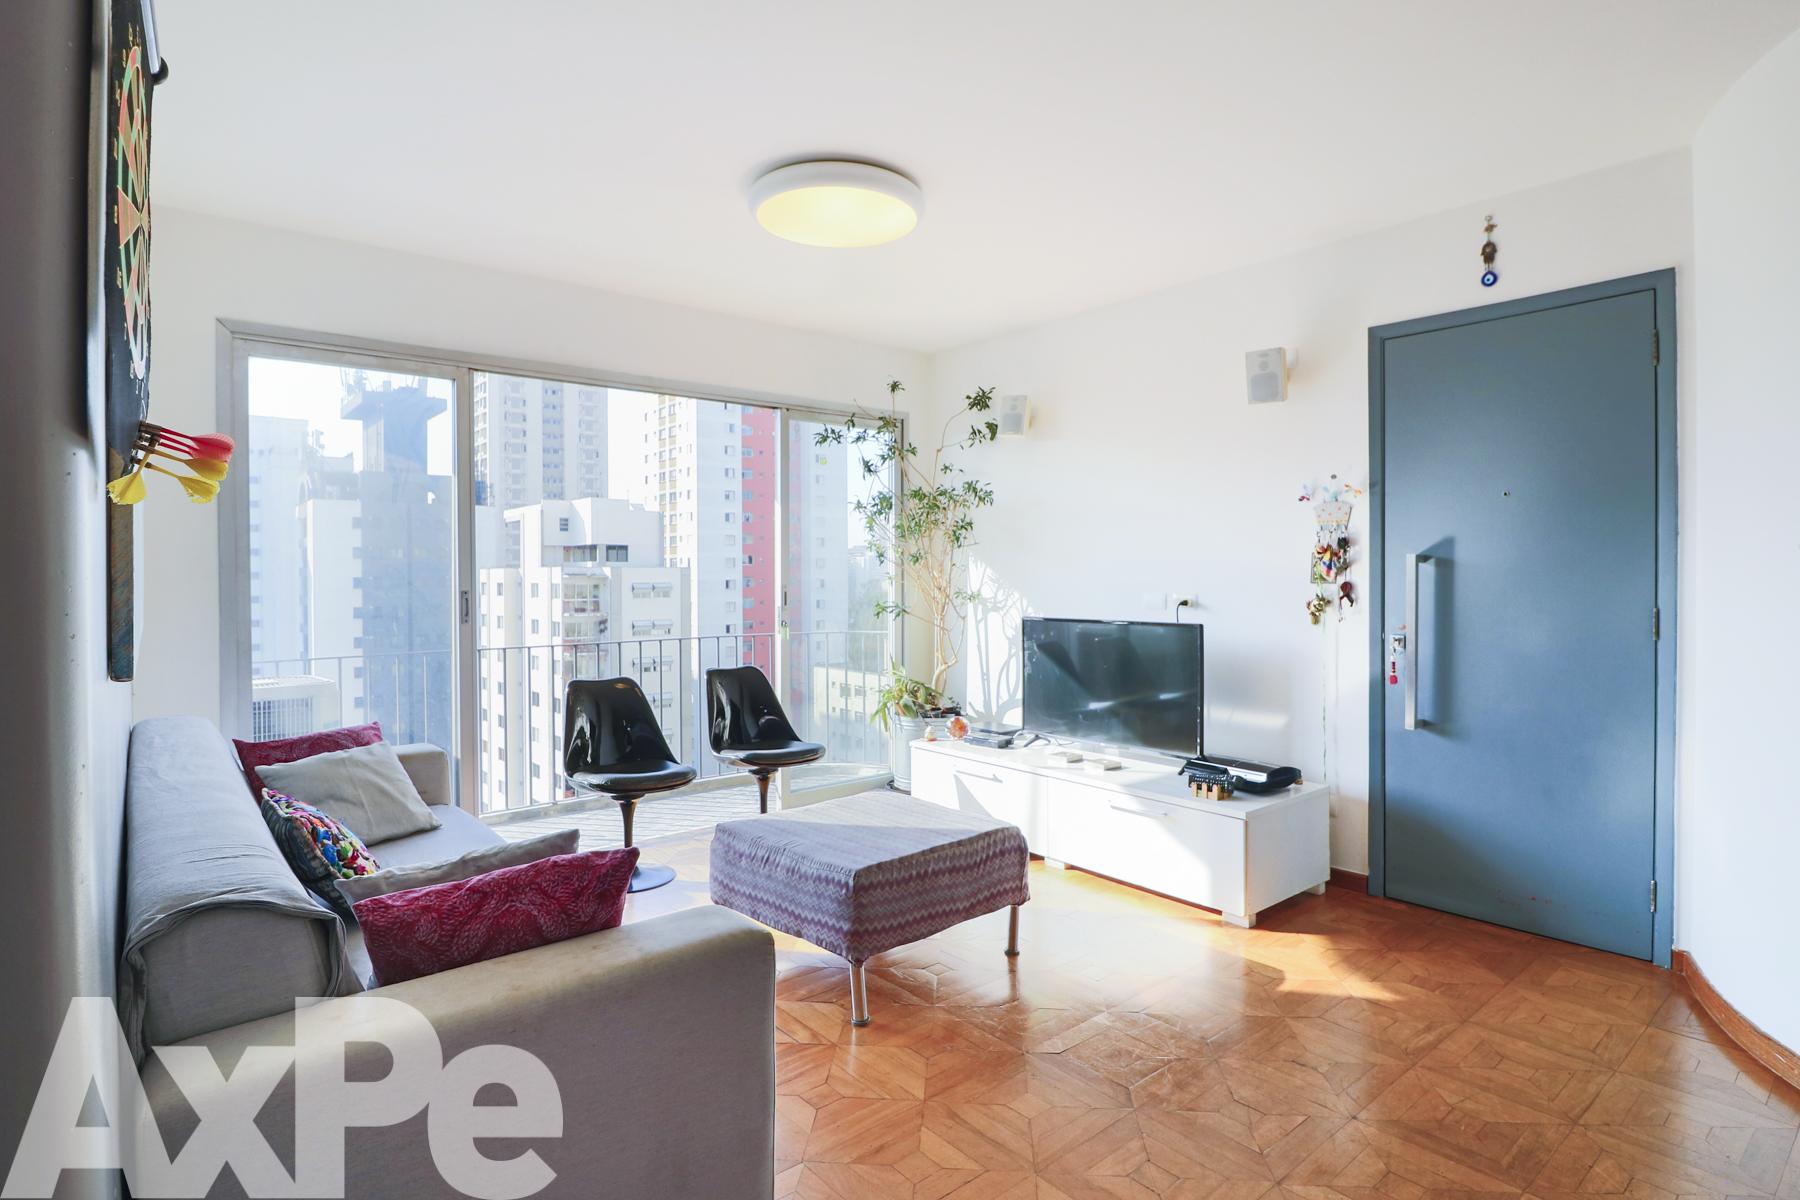 Axpe Apartamento - AX142223